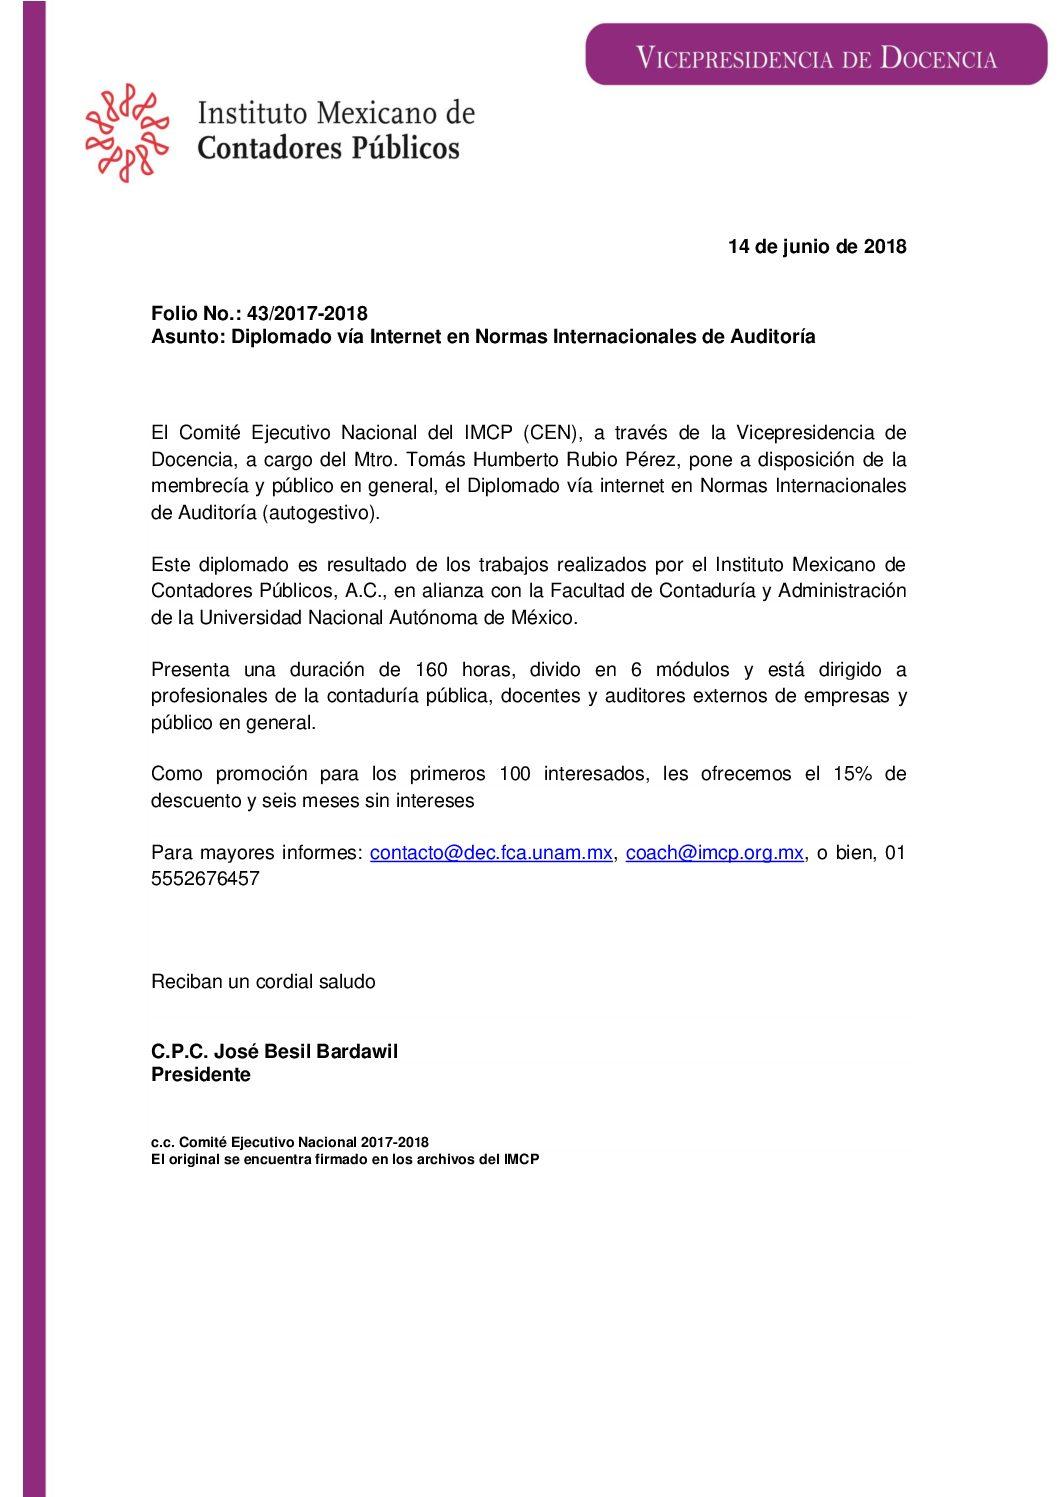 Folio No.: 43/2017-2018: Diplomado vía Internet en Normas Internacionales de Auditoría